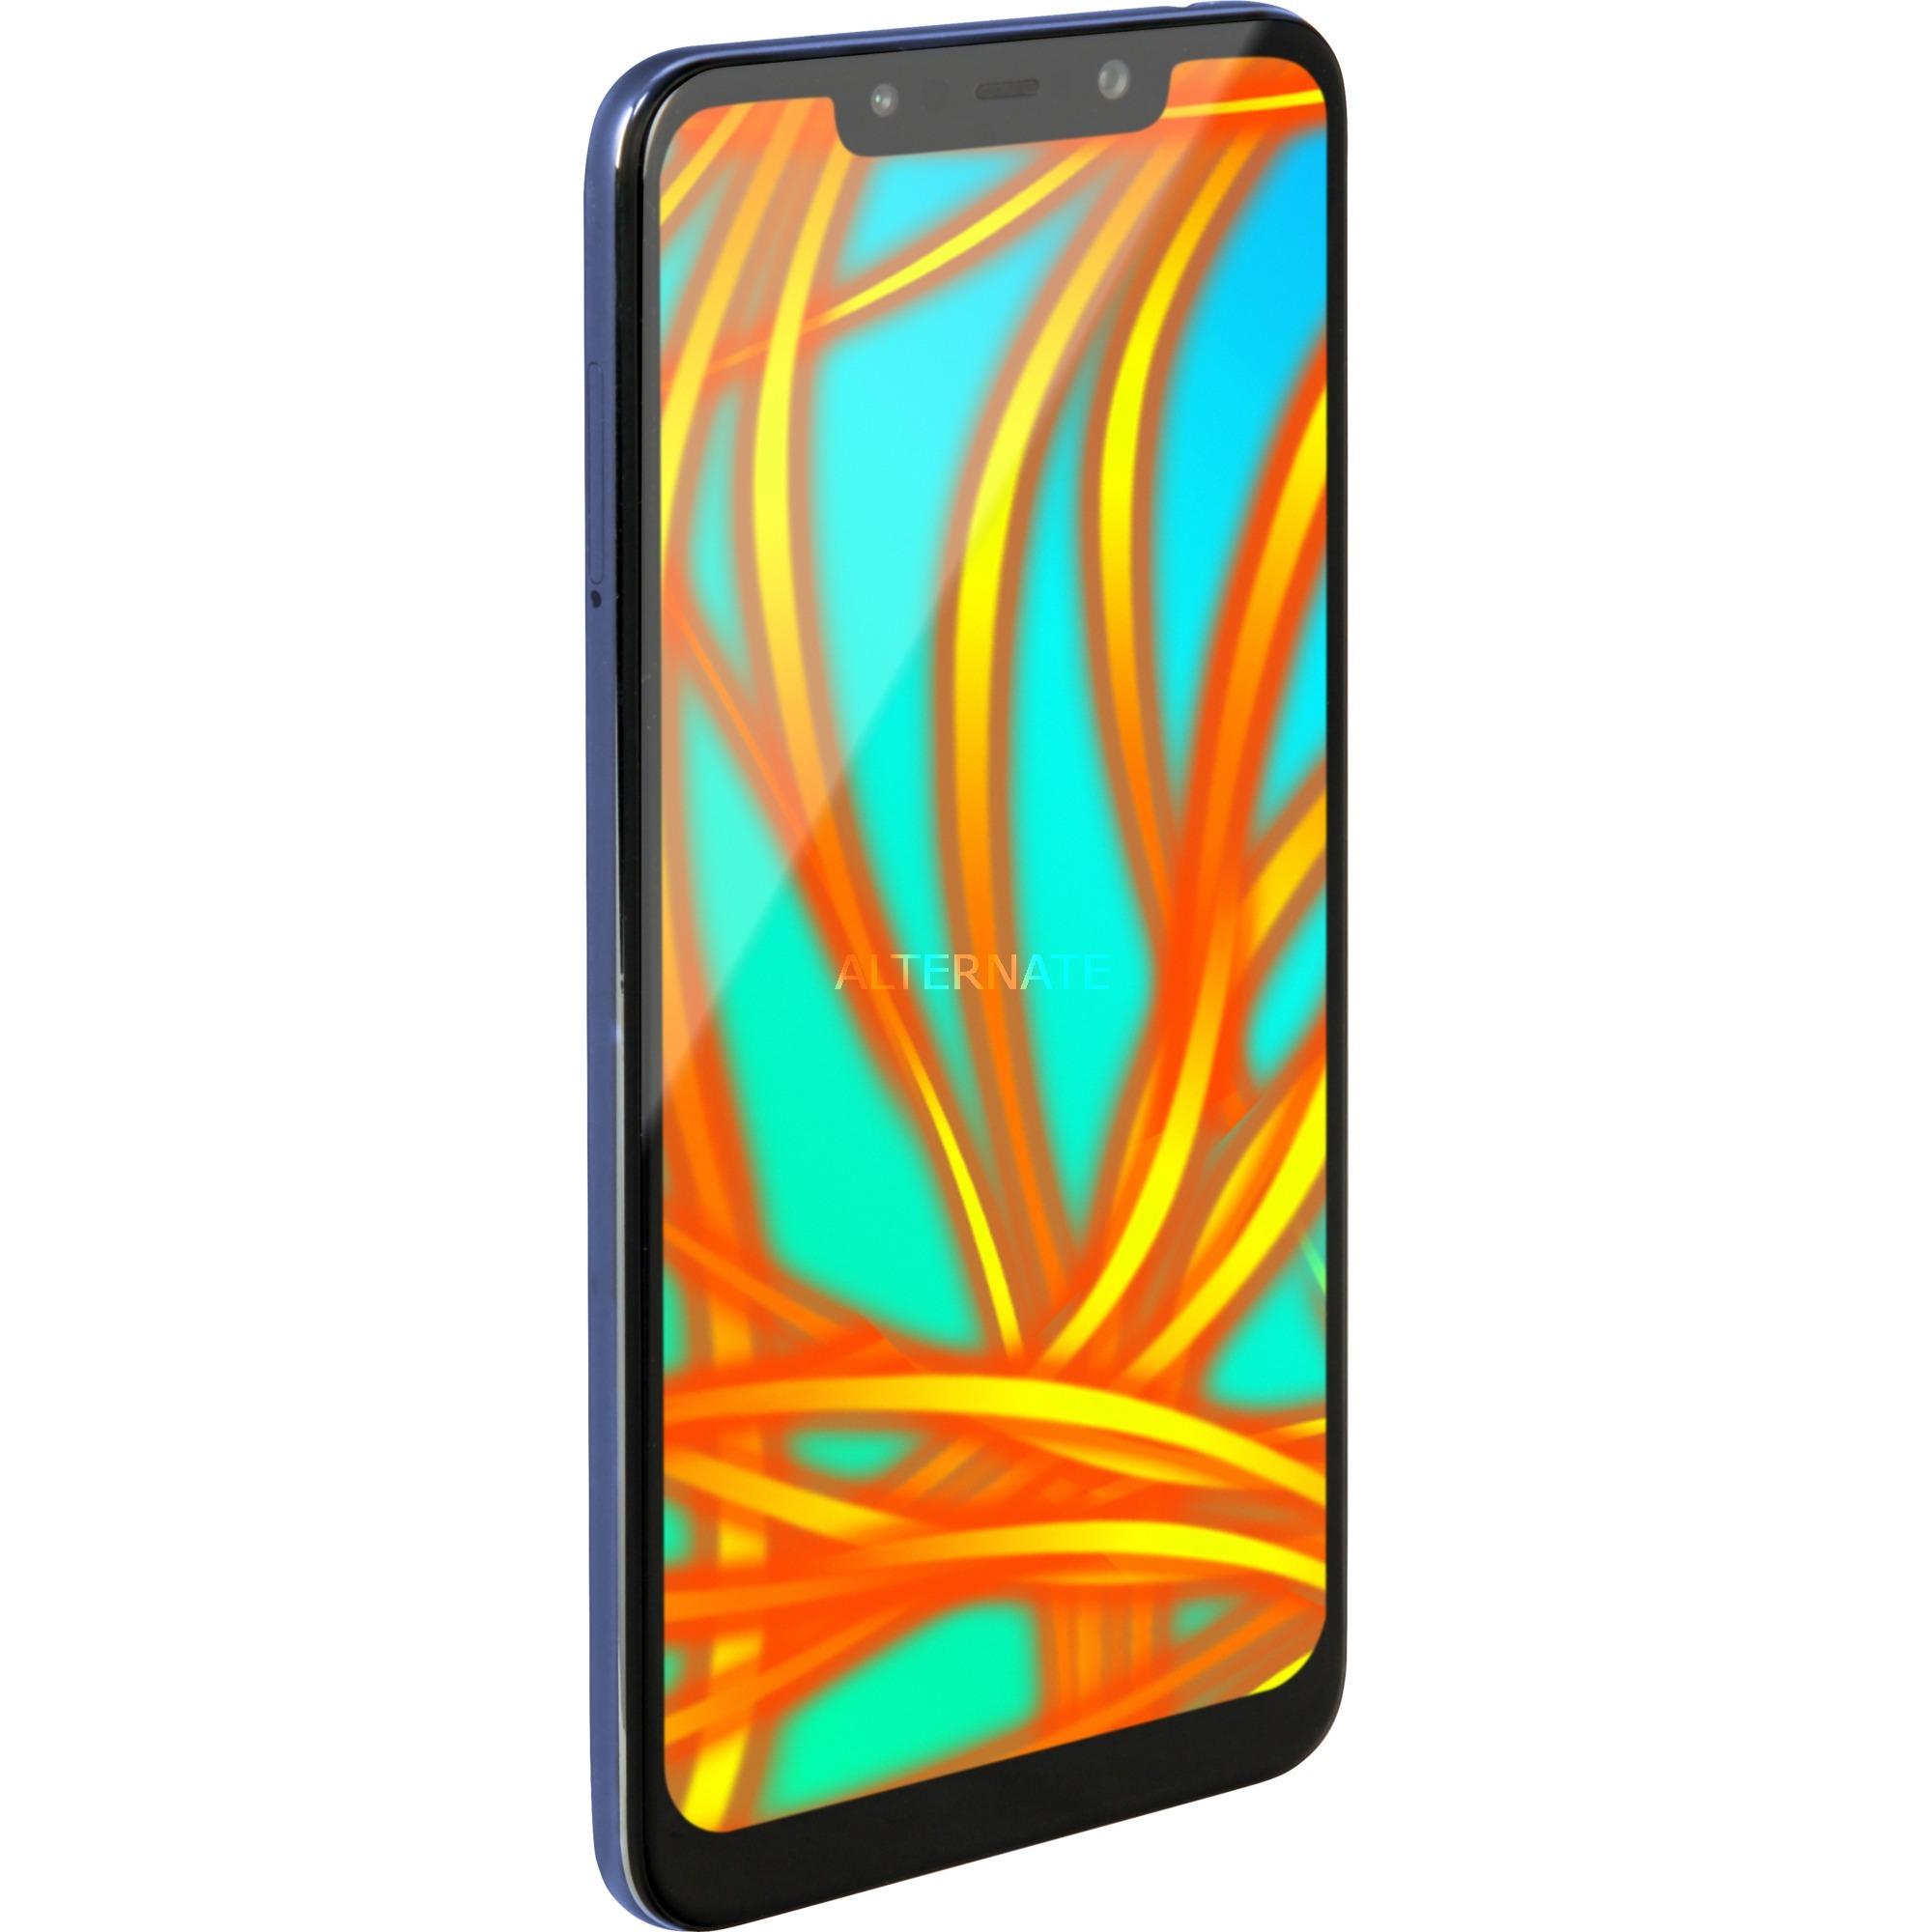 """Pocophone F1 15,7 cm (6.18"""") 6 GB 64 GB Ranura híbrida Dual SIM 4G Azul 4000 mAh, Móvil"""